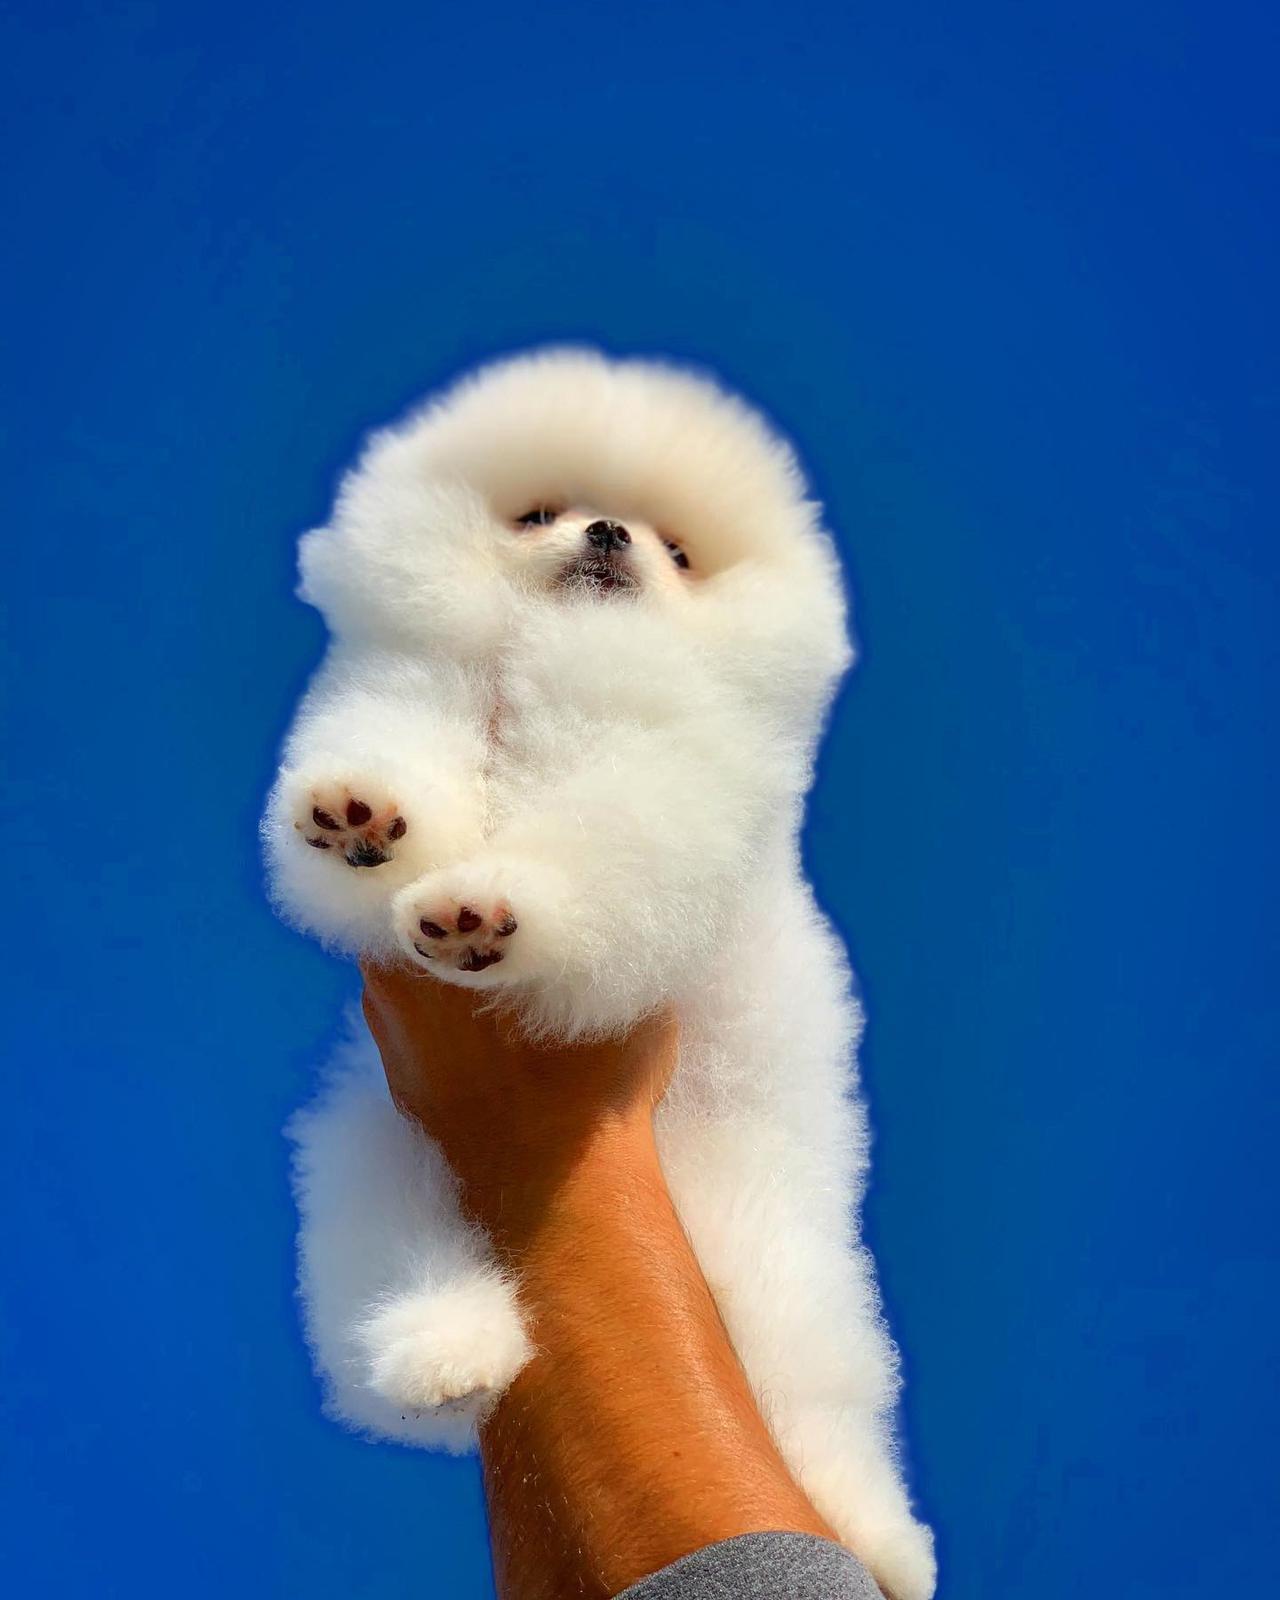 Orjinal  Teddybear Yüz Yapısına Sahip Pomeranianboo 4